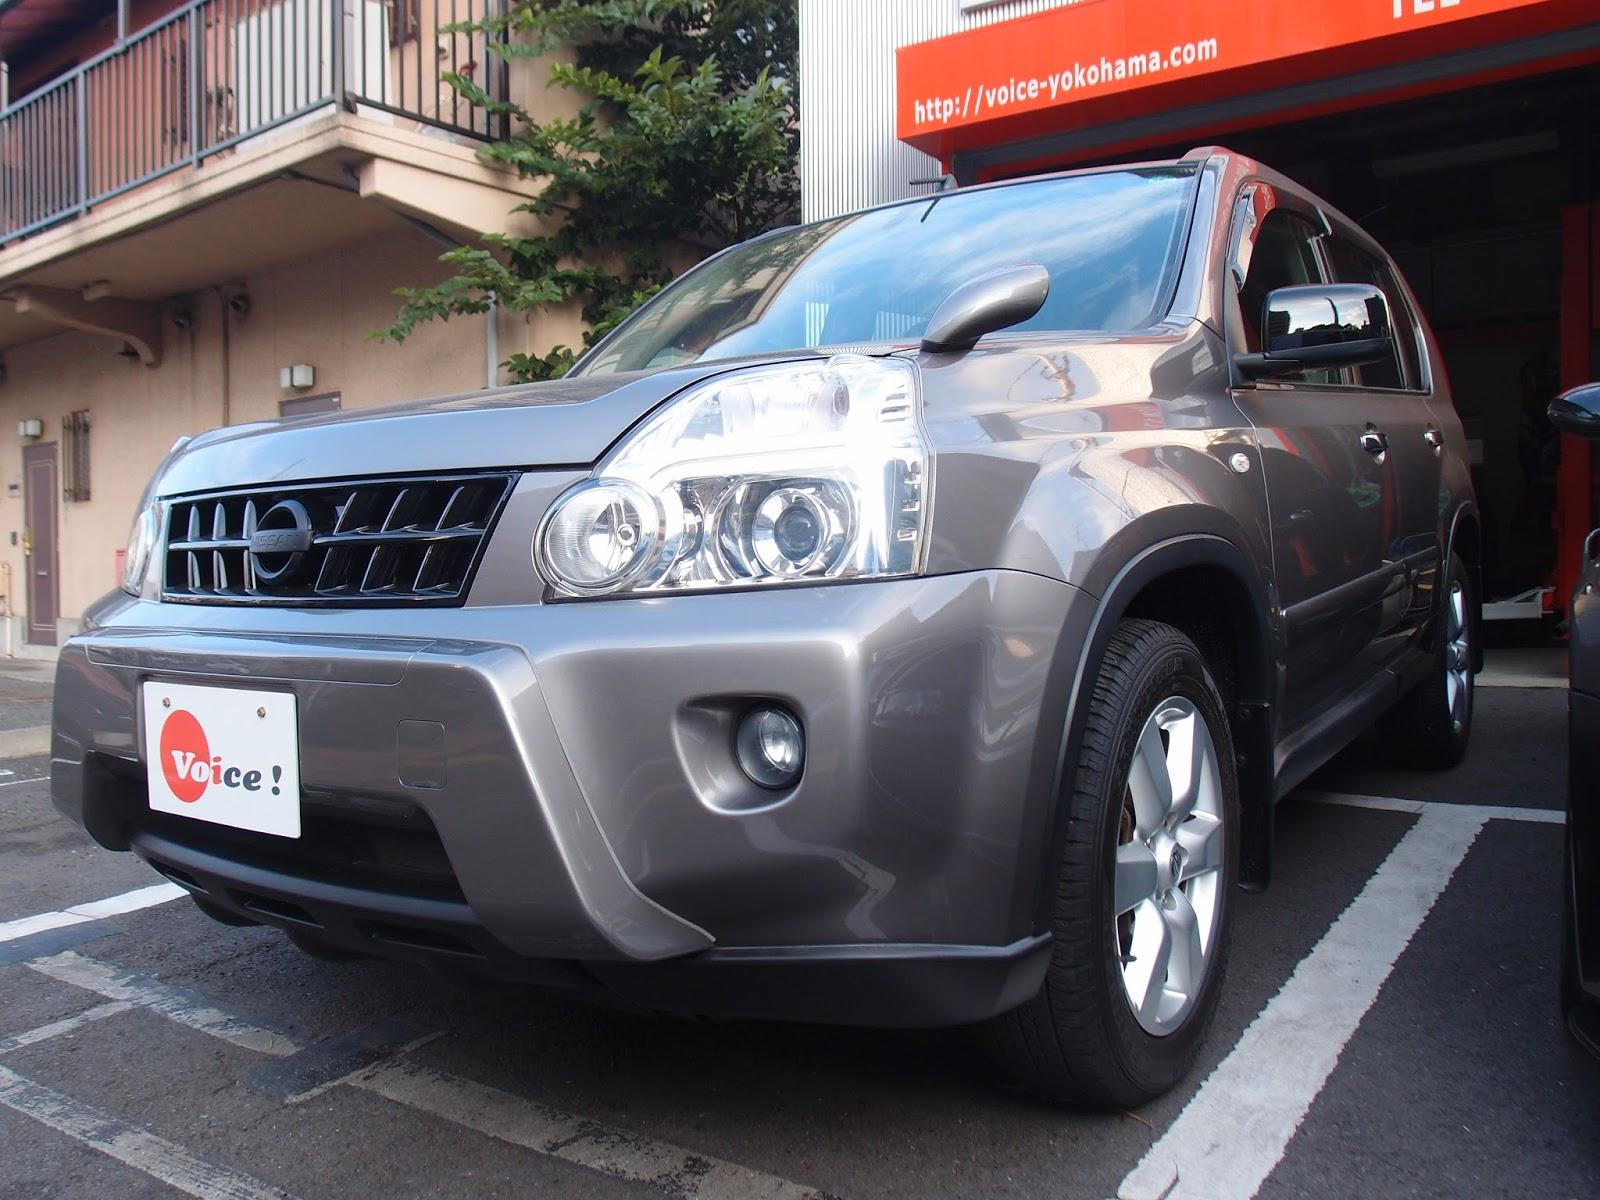 注文販売車両 日産エクストレイル(DBA,NT31) カスタム+納車整備作業